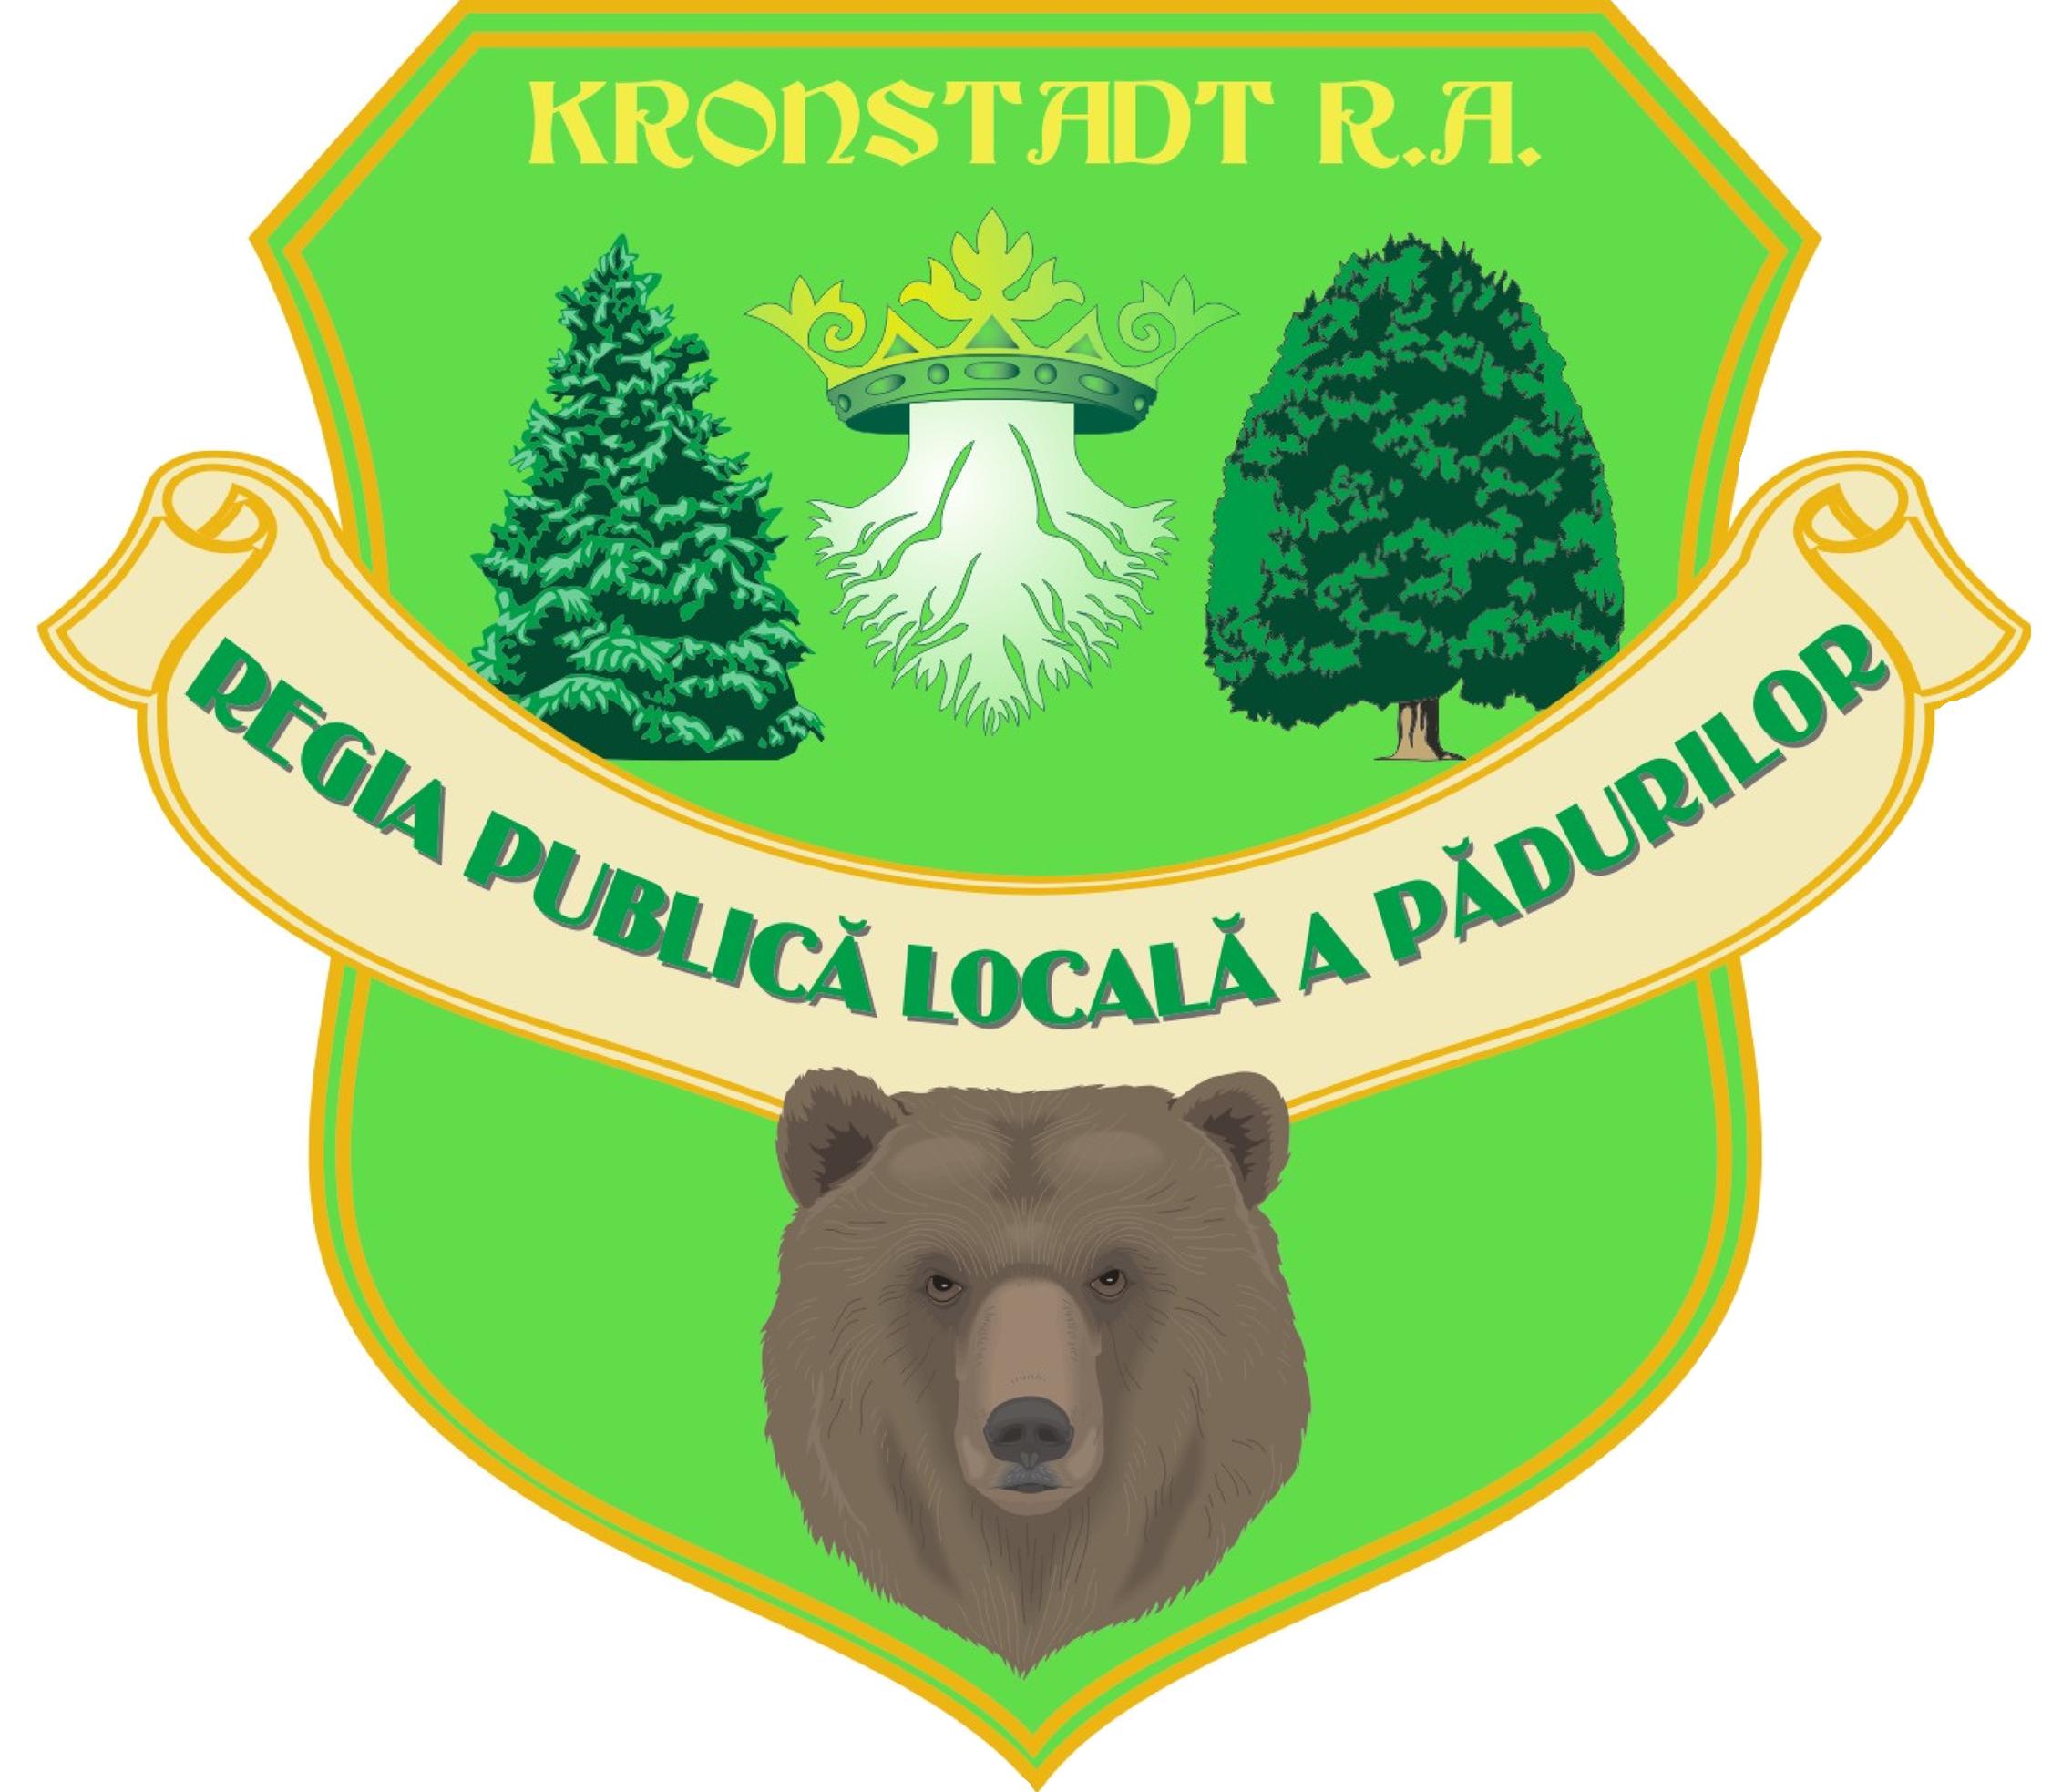 Regia Padurilor Kronstadt